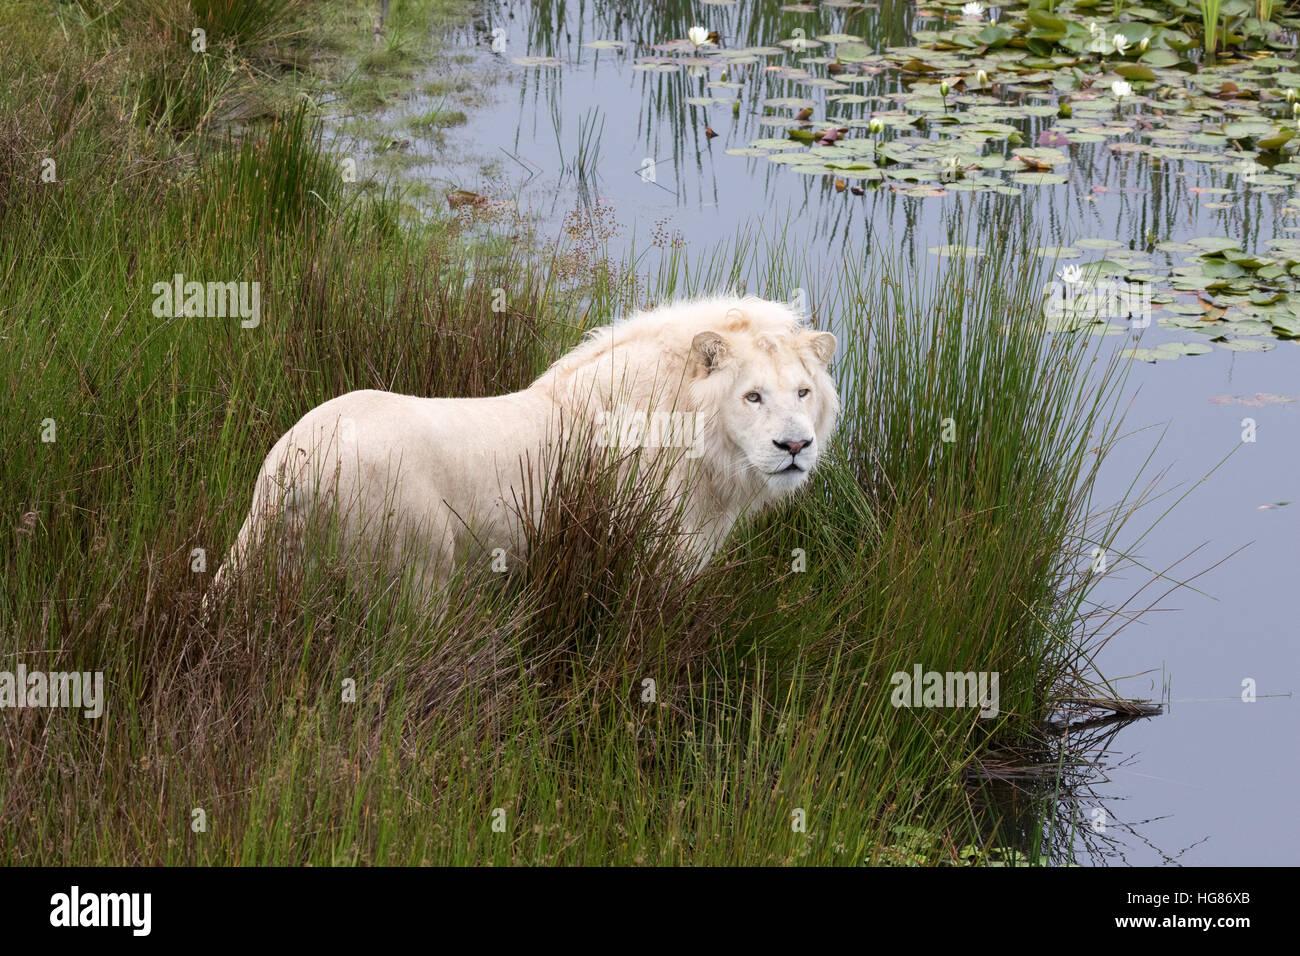 White lion mâle adulte ( Panthera leo krugeri ), Tenikwa Wildlife Awareness Centre, Afrique du Sud Photo Stock